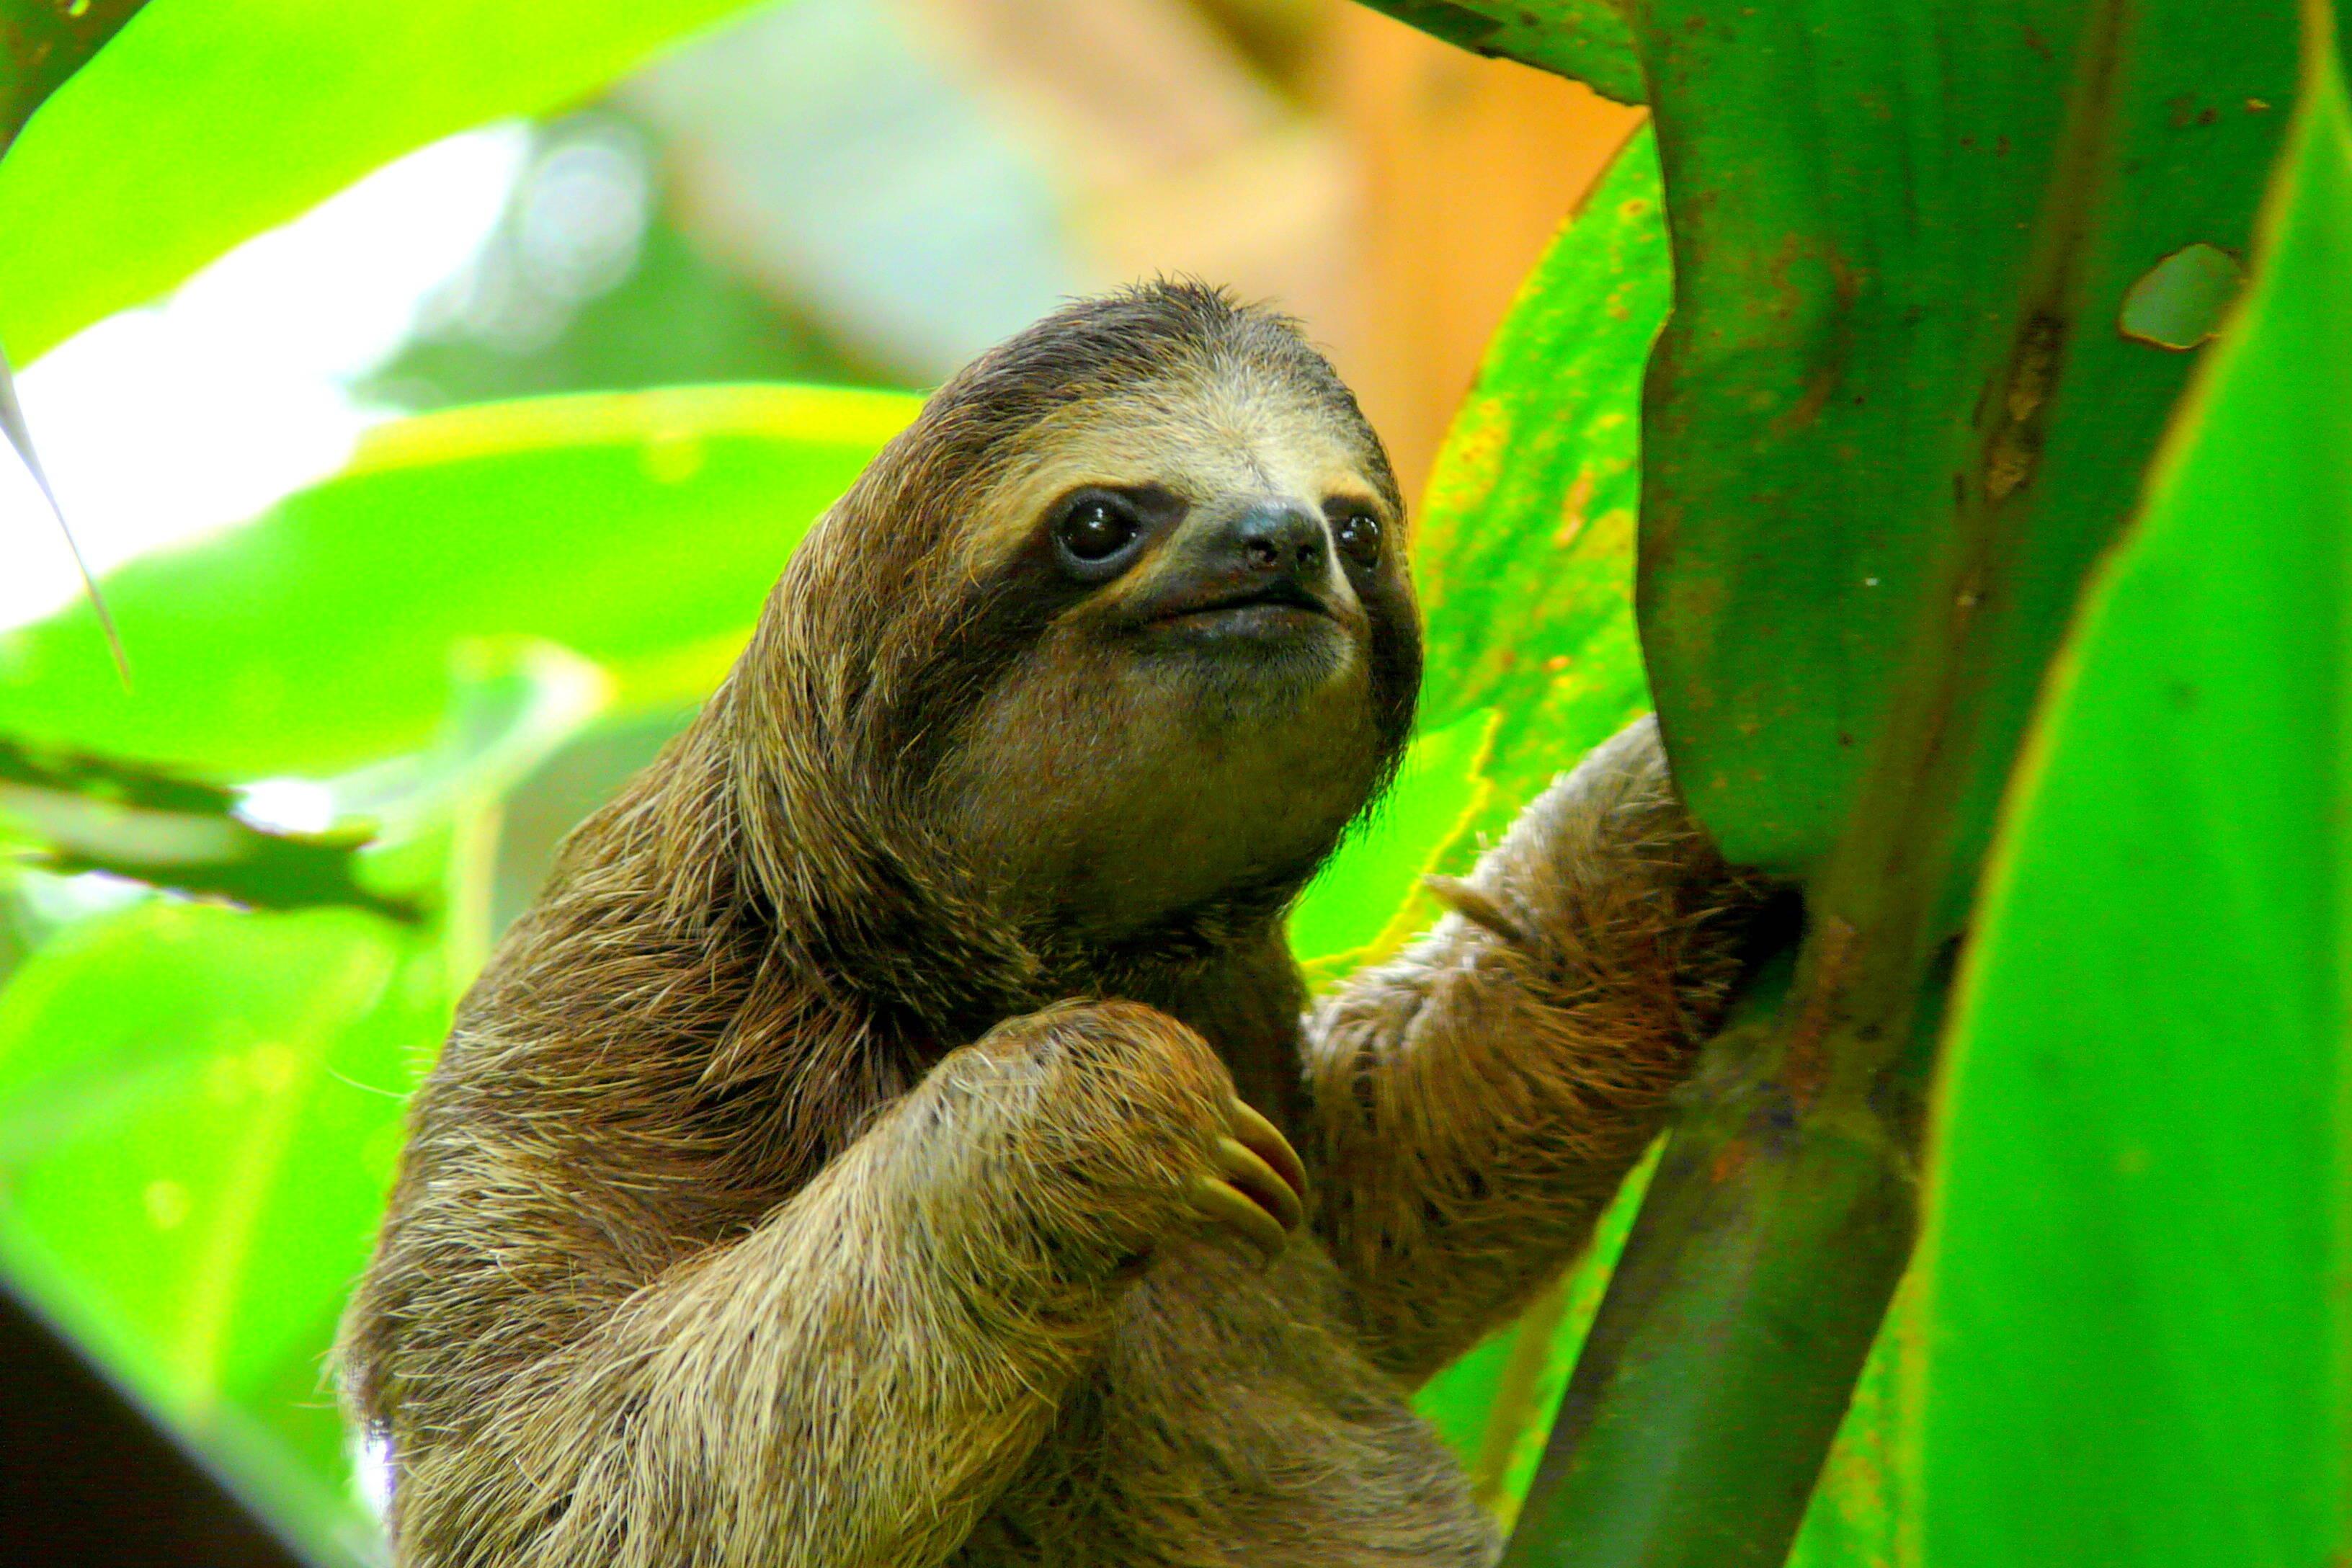 As reservas de vida selvagem da costa rica também são ricas em biodiversidade de mamíferos como macacos, preguiças e felinos. Foto: shutterstock